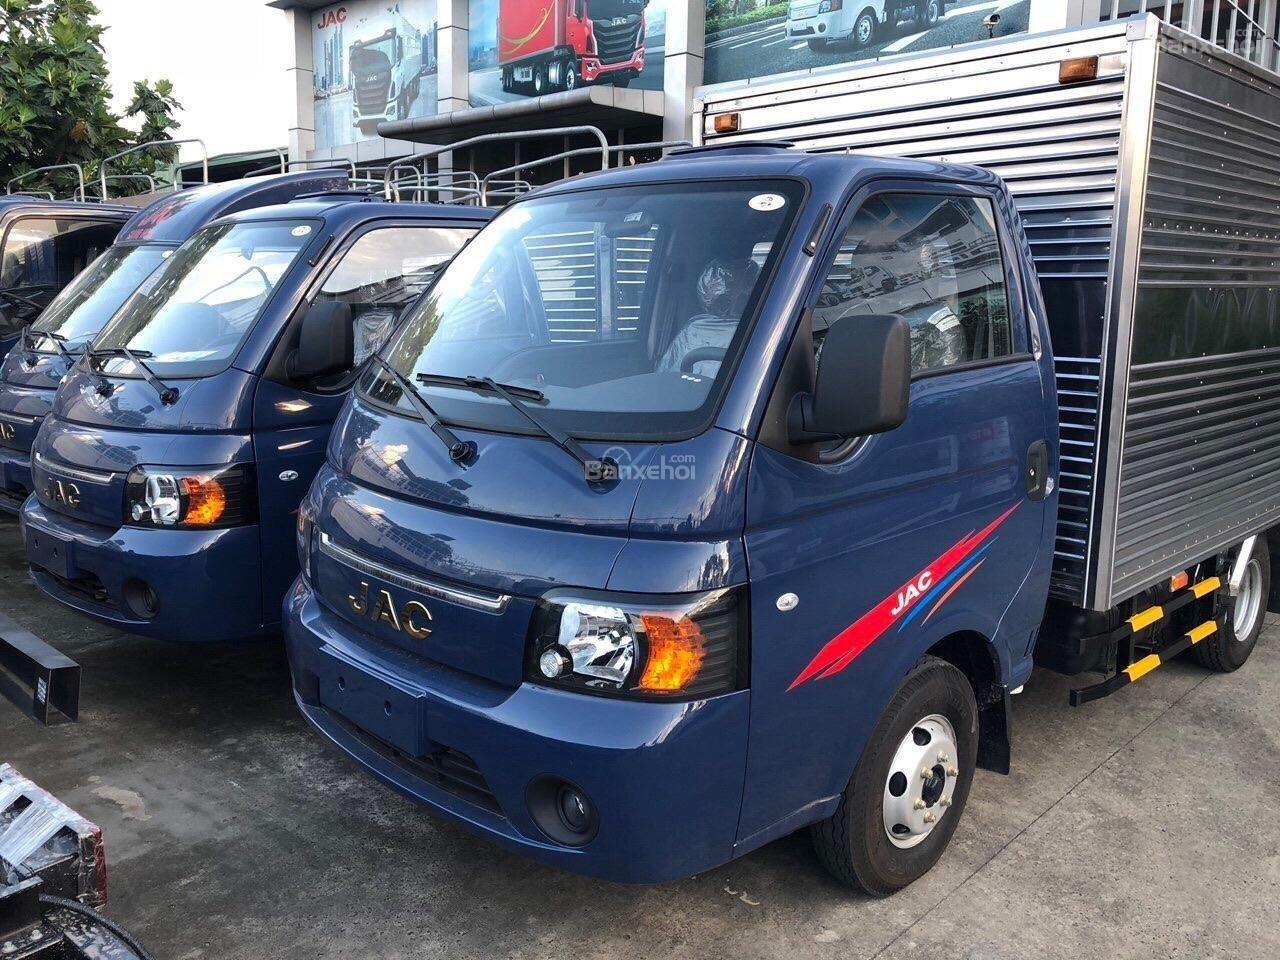 Bán xe tải Jac X99 thùng kín, giá siêu tốt, hỗ trợ vay vốn ngân hàng